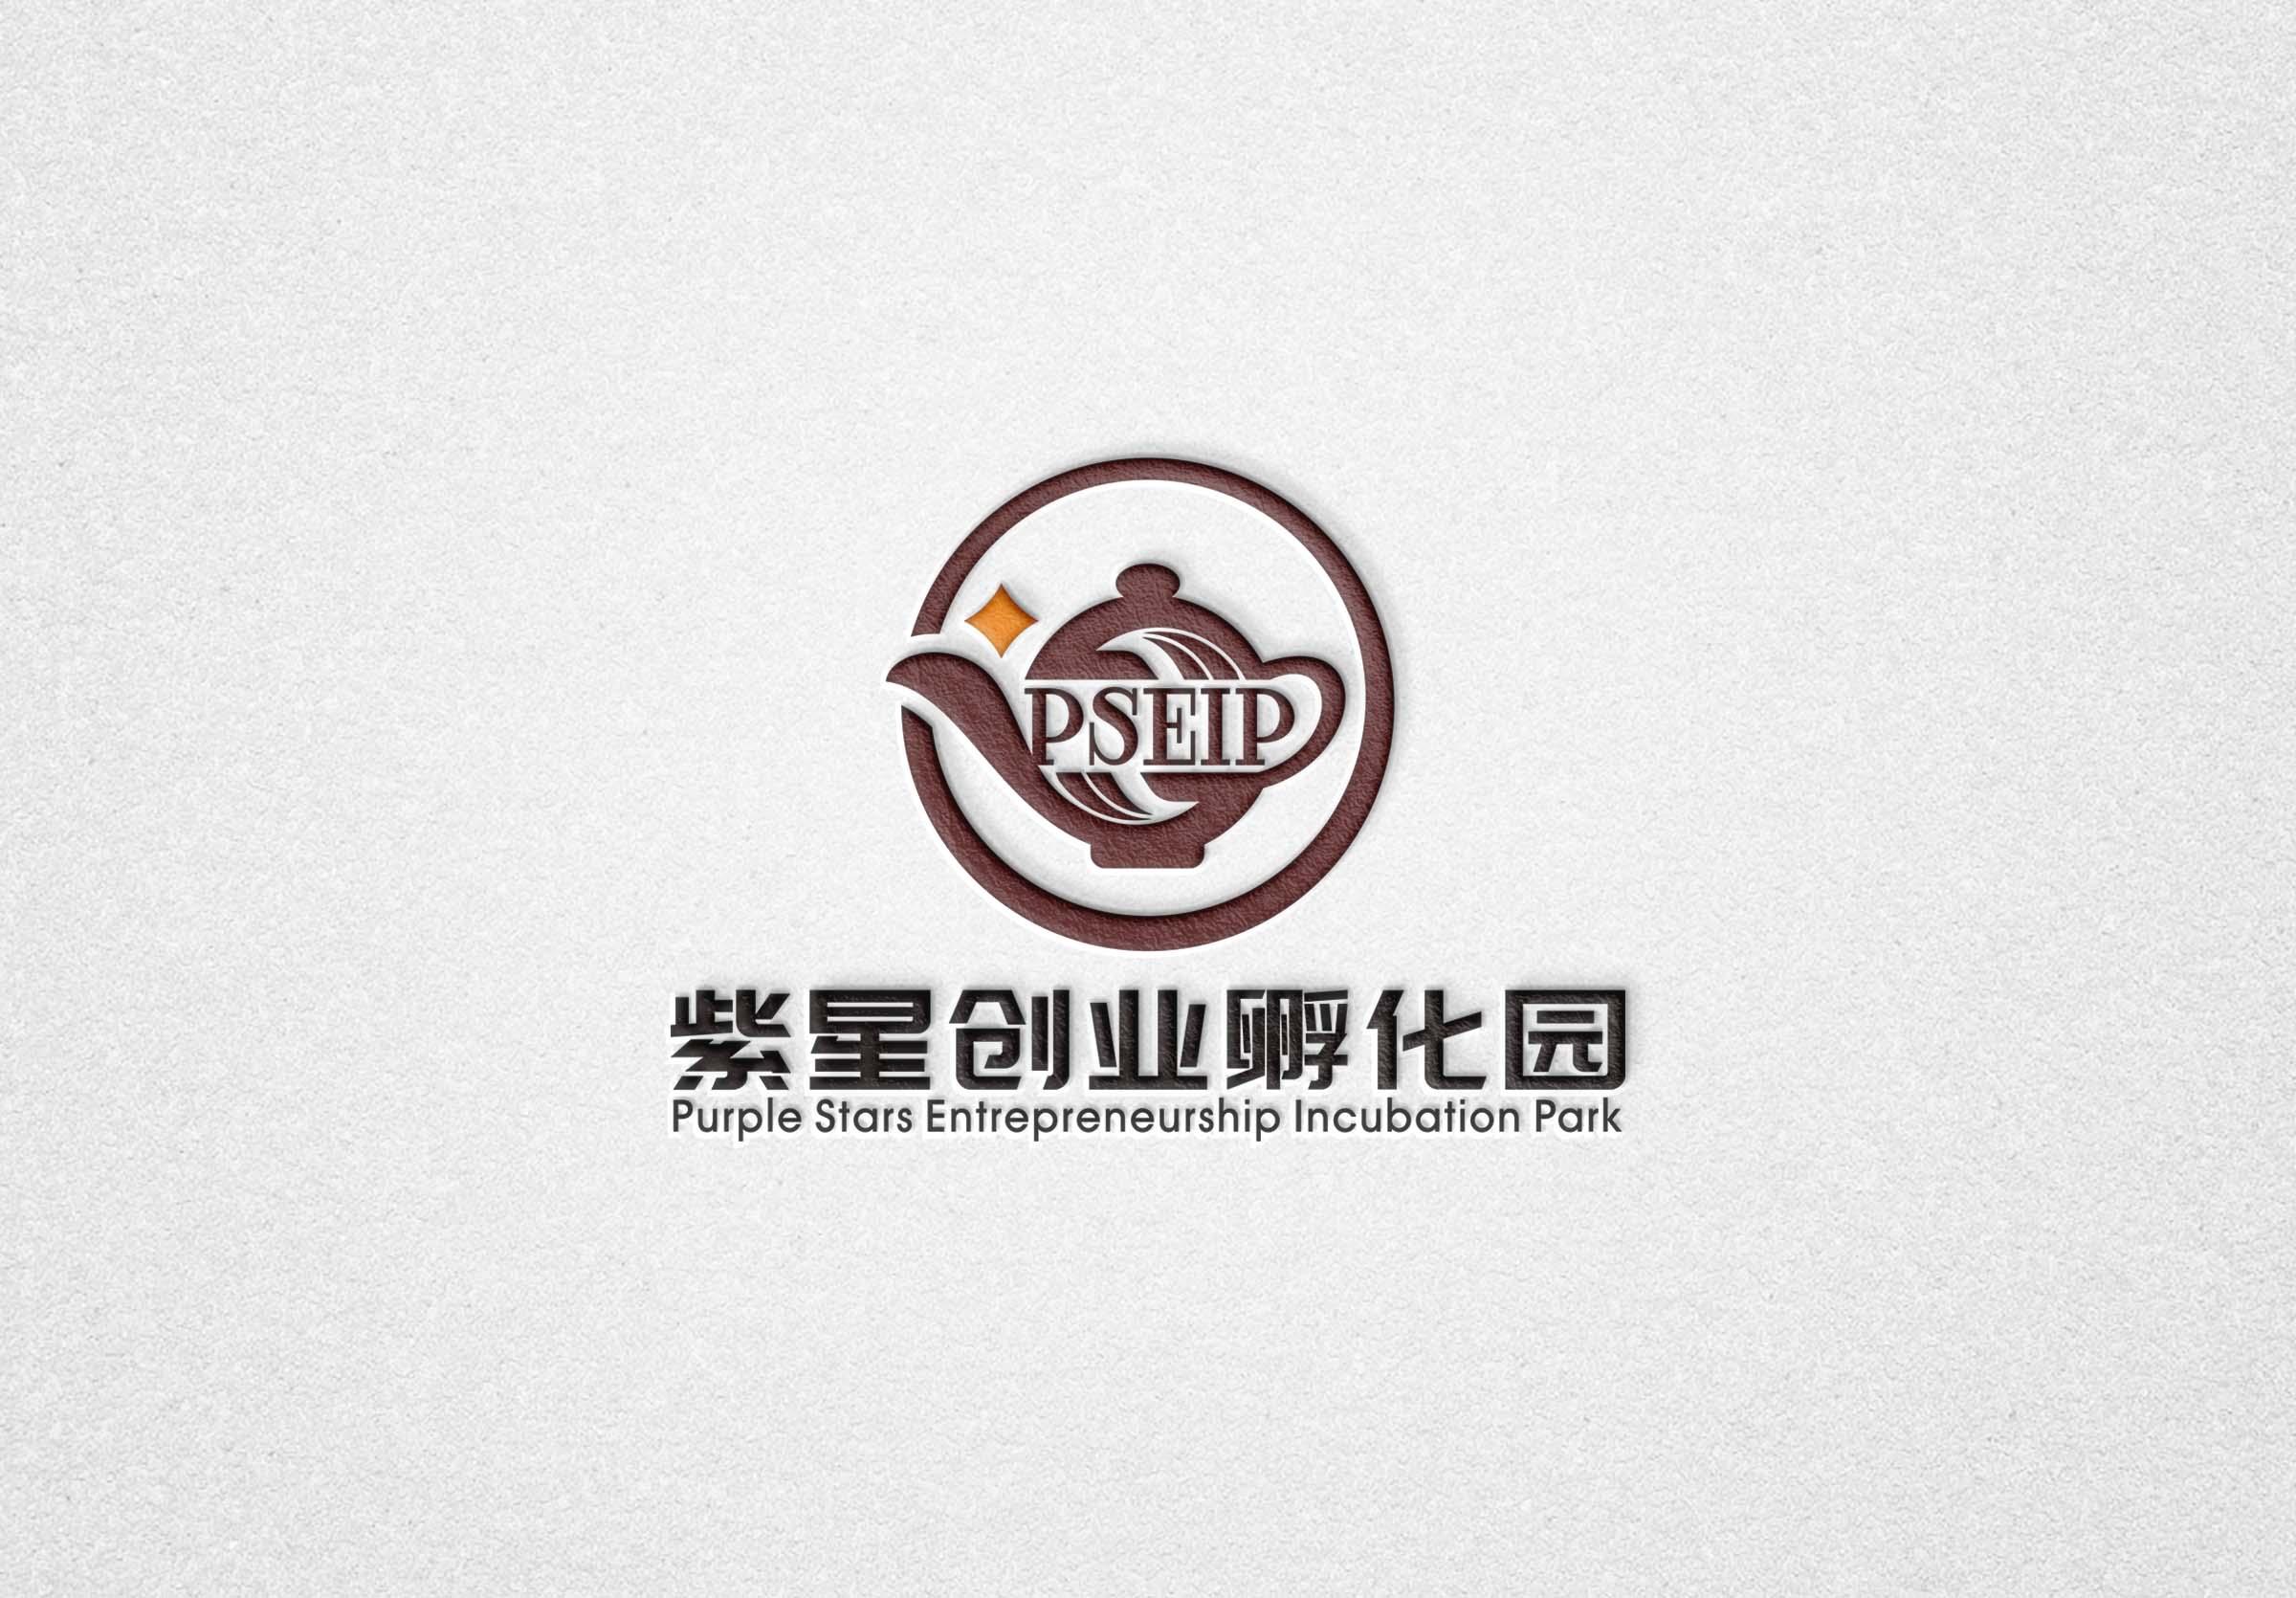 紫星创业孵化园logo设计_2956012_k68威客网